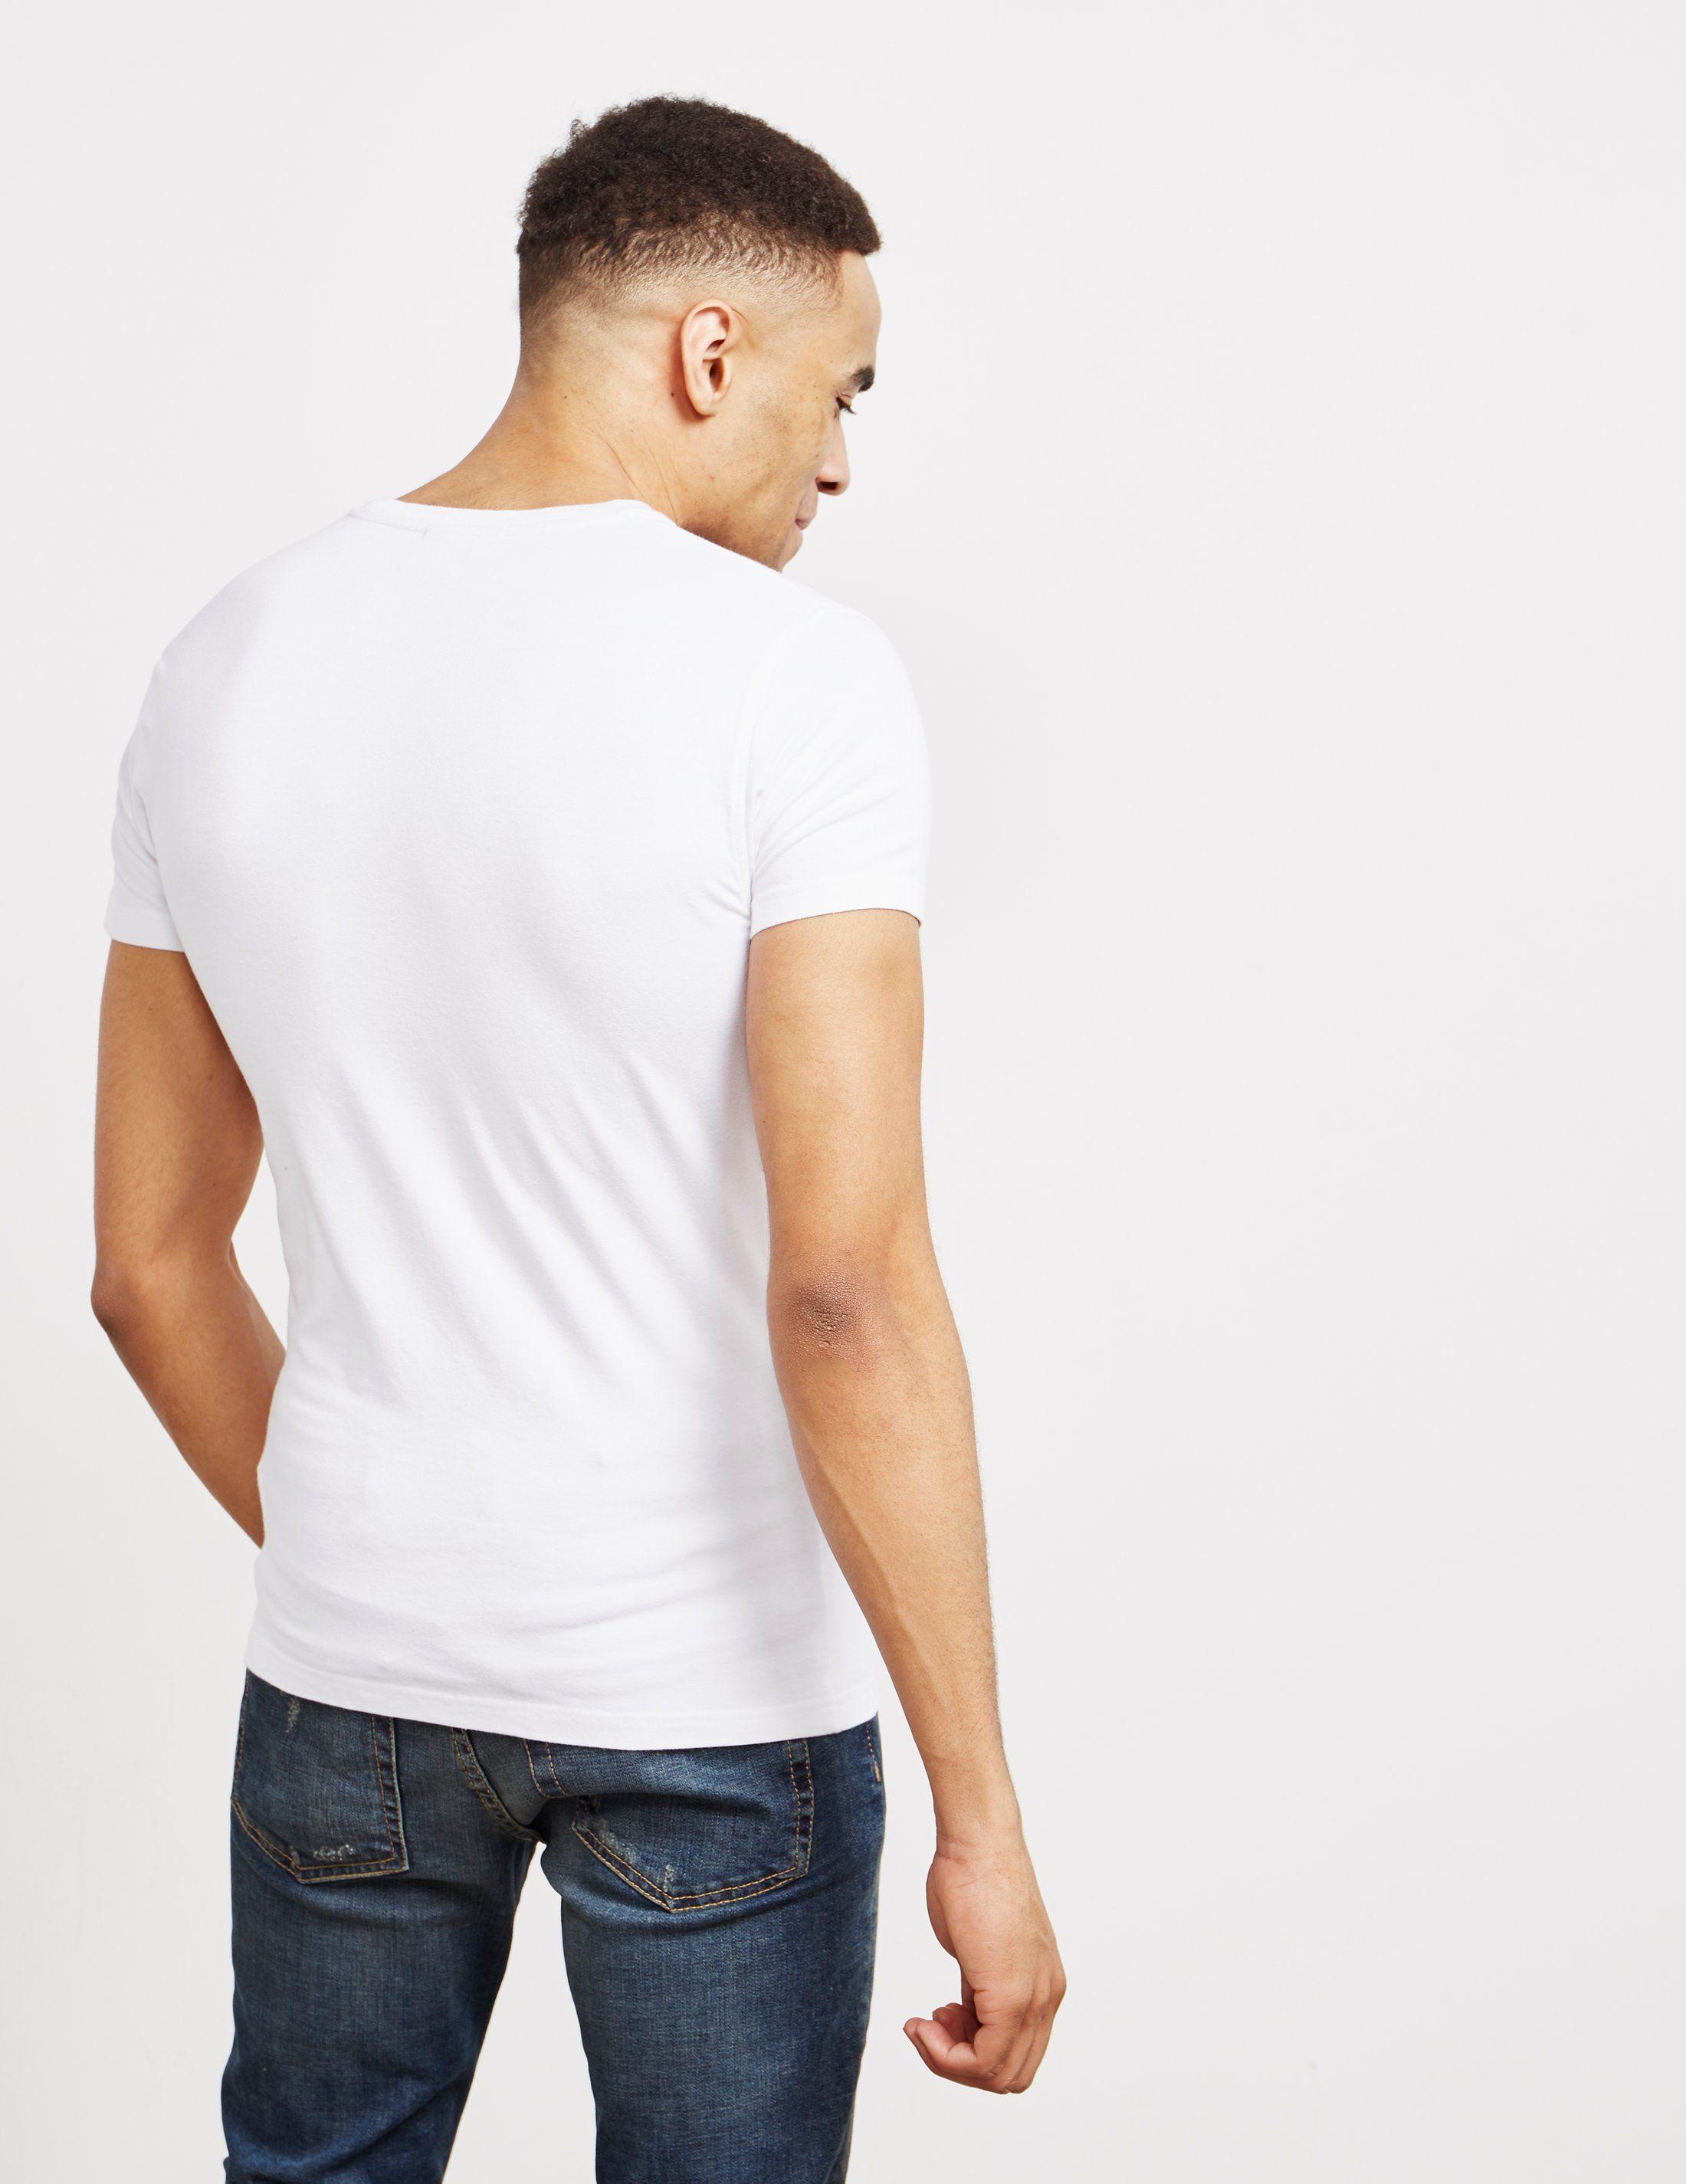 Pyrenex Elouan Short Sleeve T-Shirt